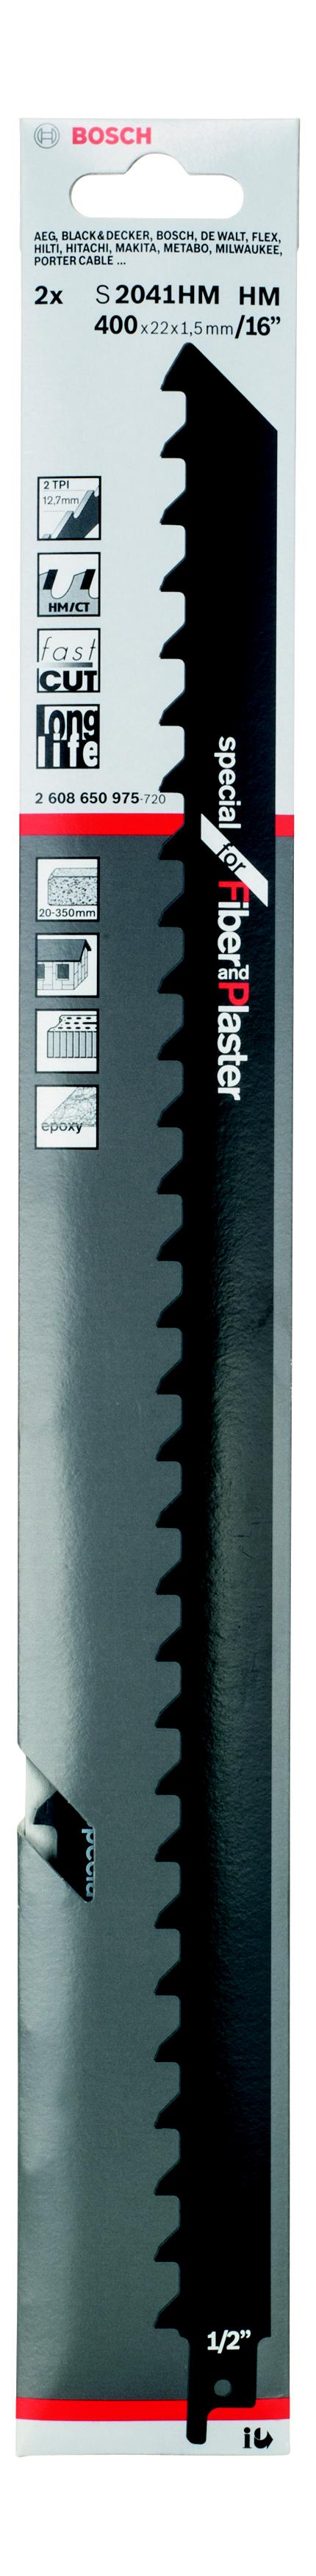 Полотно для сабельной пилы Bosch S 2041 hm (2.608.650.975) bosch hm tf 300 nhm